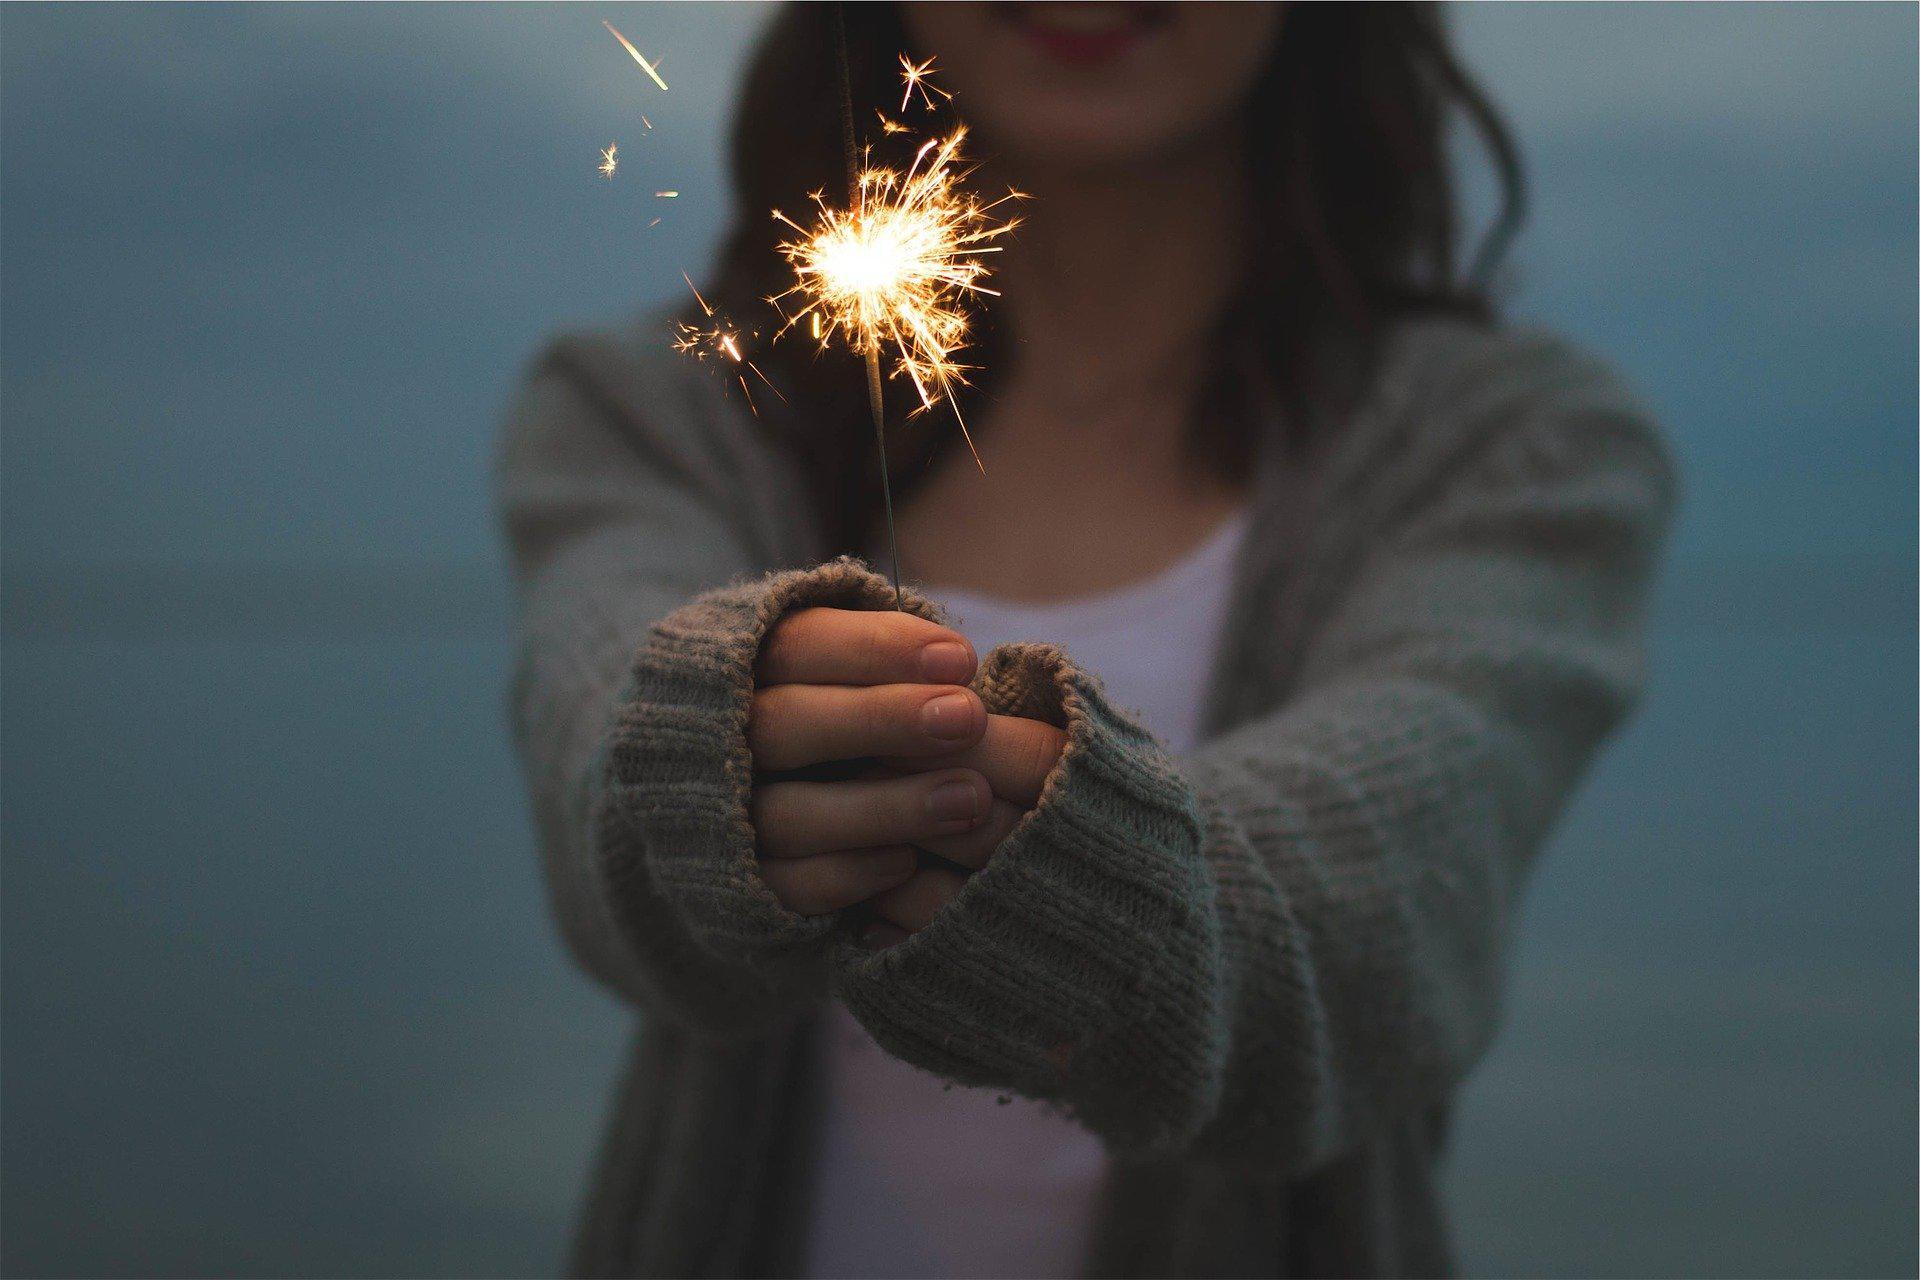 Yeni yılda kurtulmanız gereken 6 kötü alışkanlık